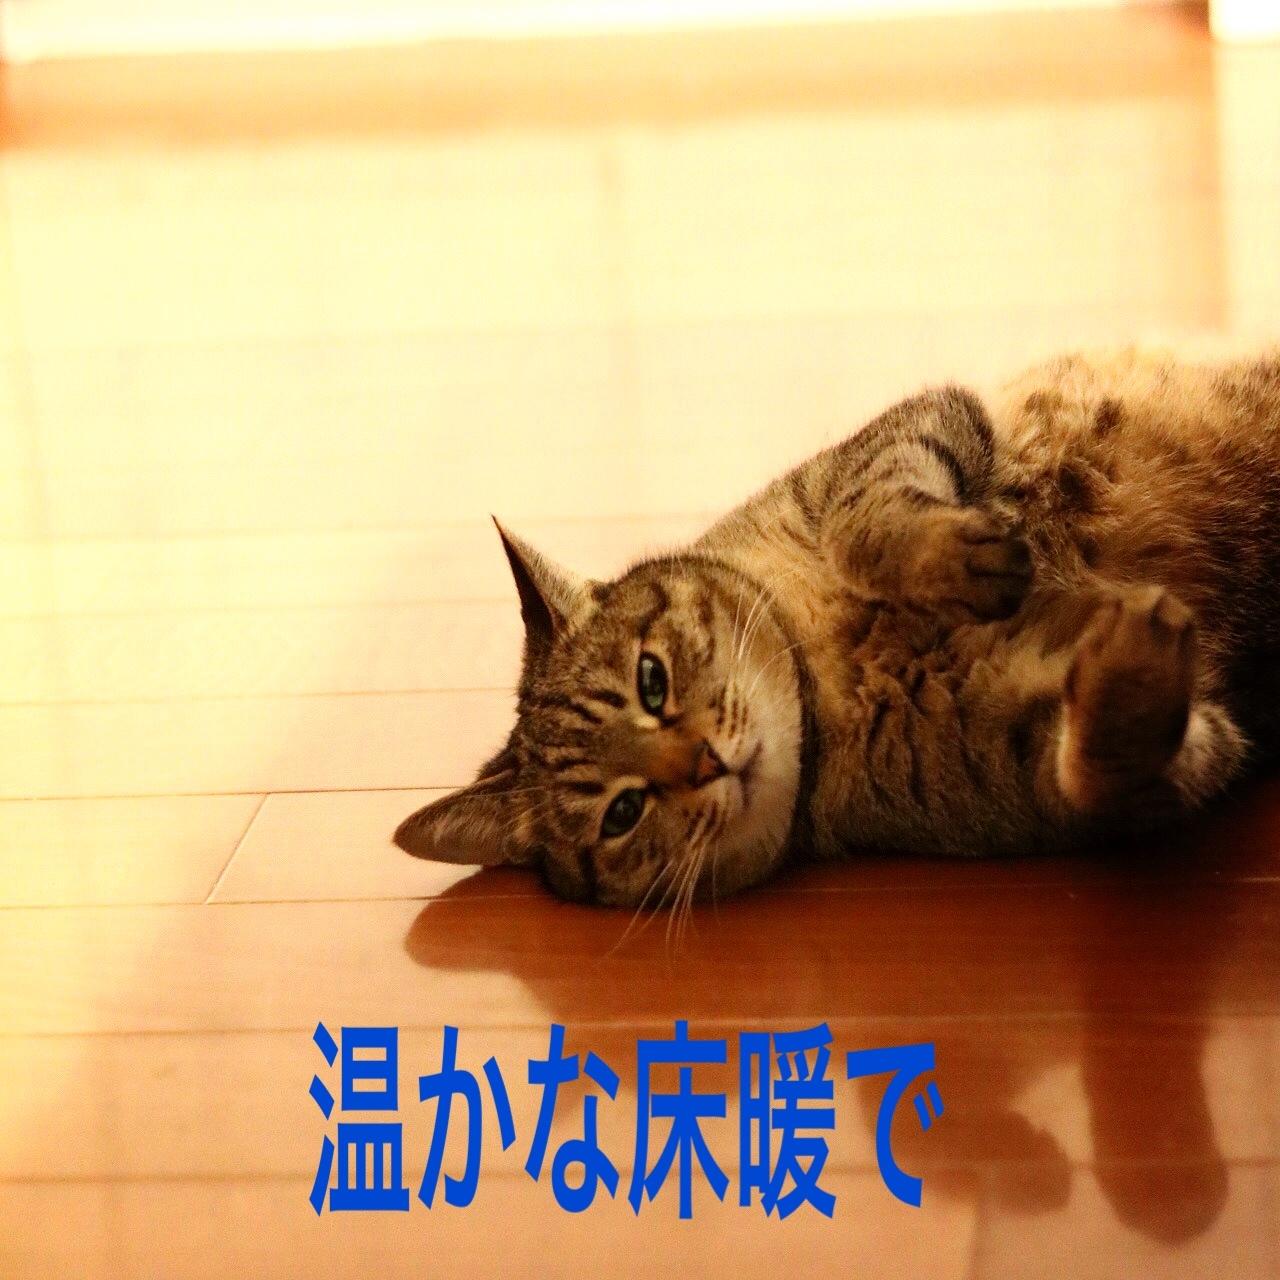 にゃんこ劇場「ニャンコの日の夕ごはん」_c0366722_05413341.jpg